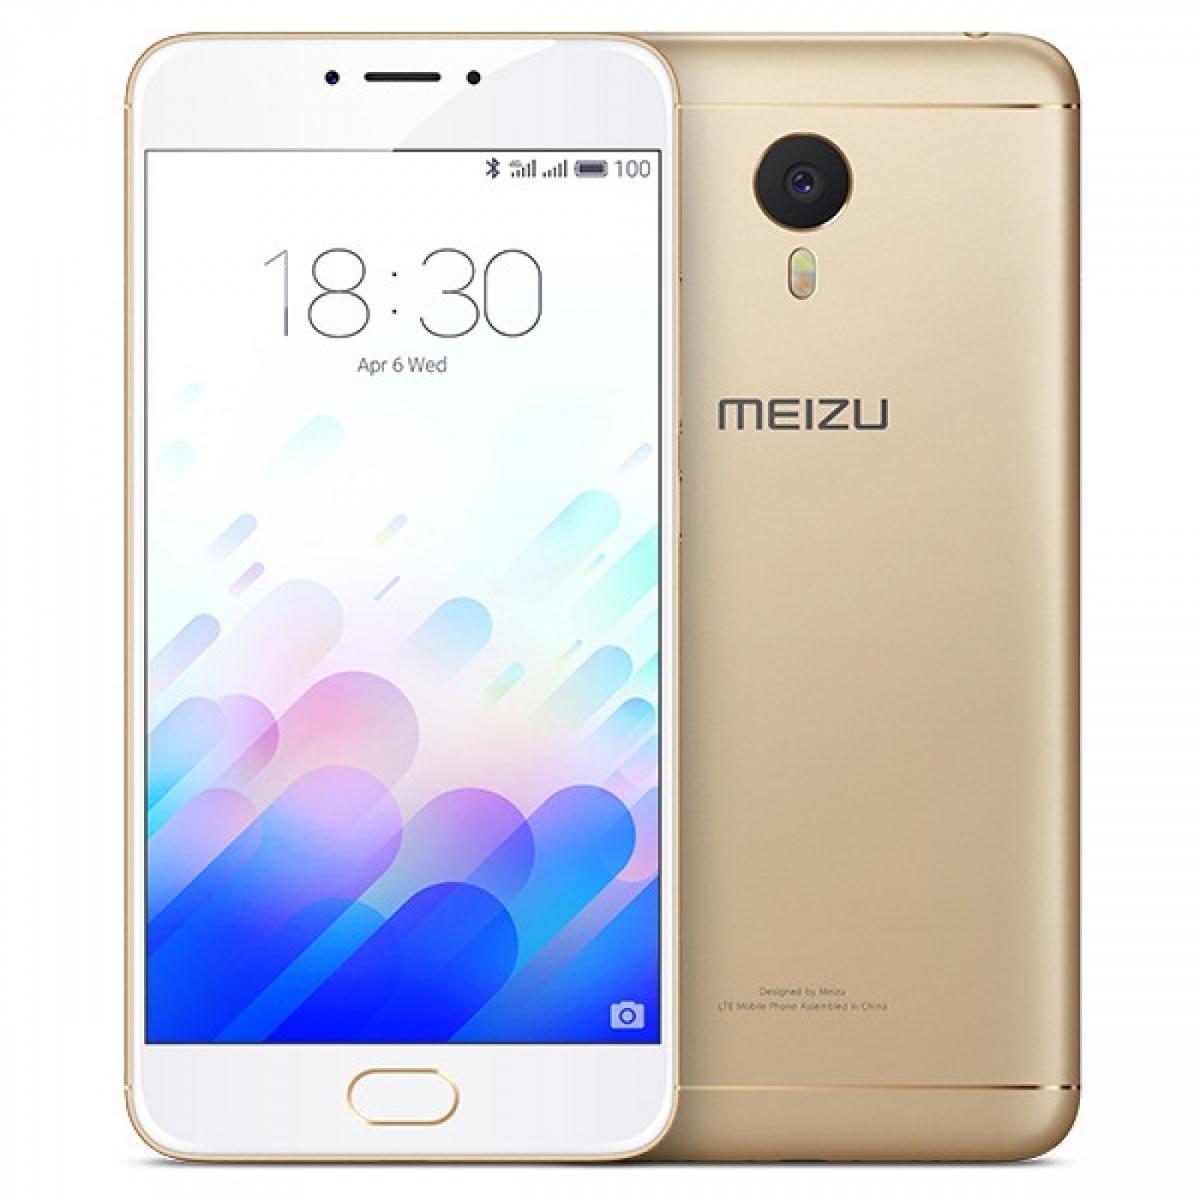 MEIZU M3 NOTE 32GB DUAL SIM LTE GOLD WHITE